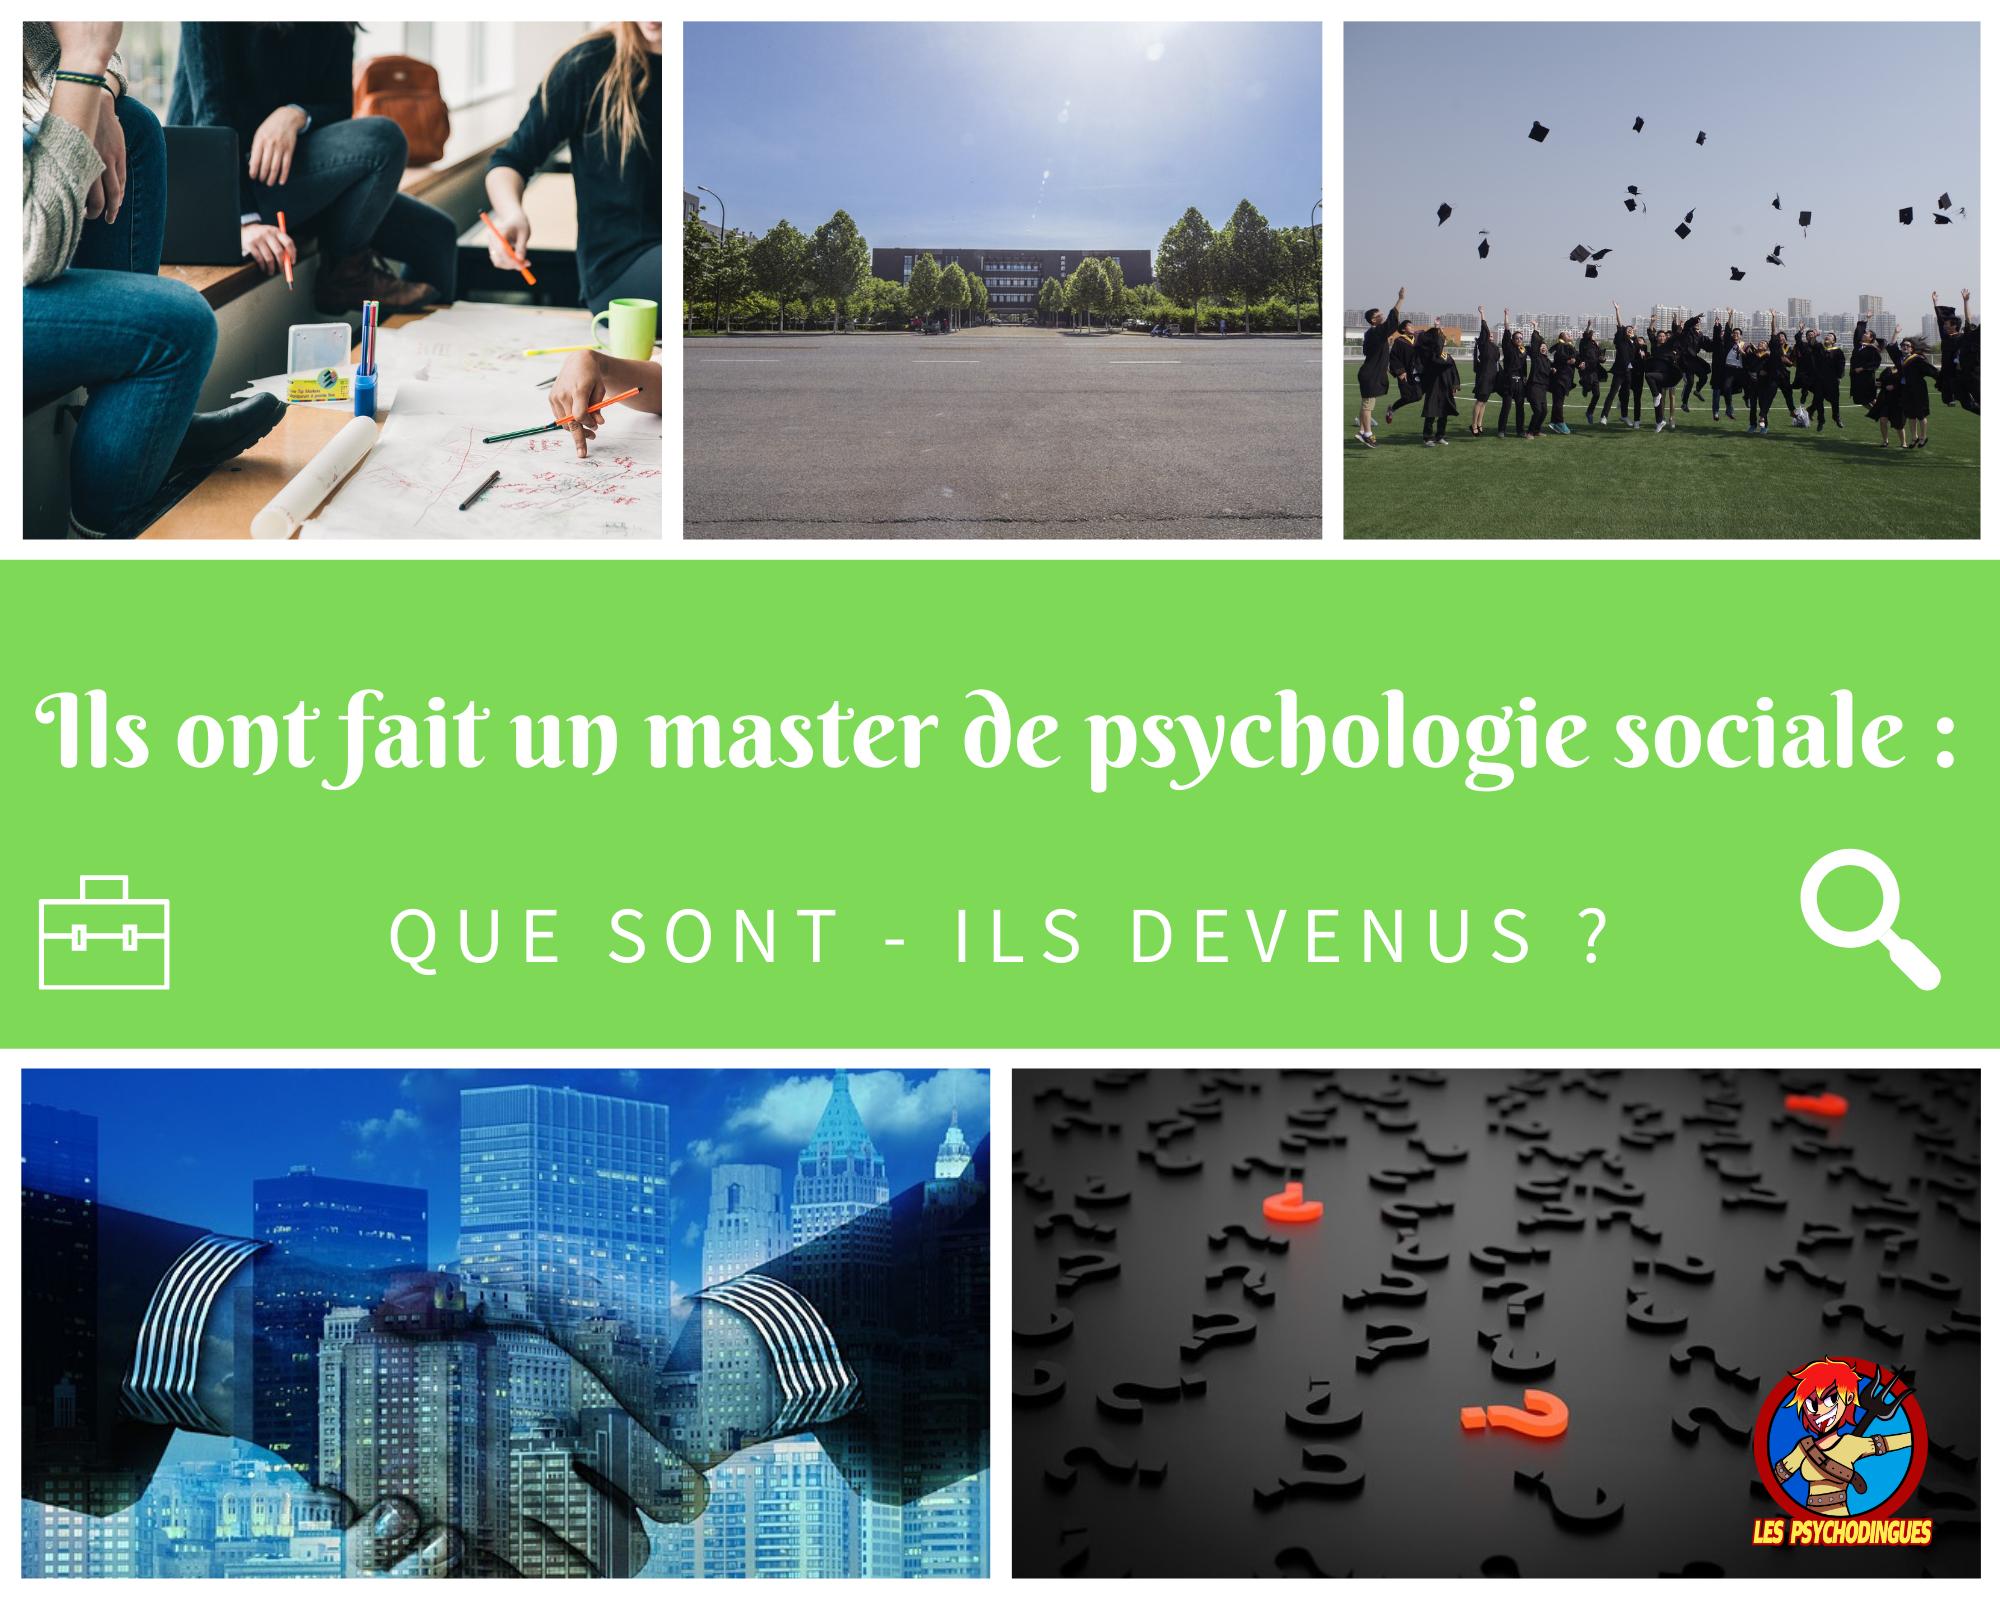 Ils ont fait un master de psychologie sociale : que sont-ils devenus ?